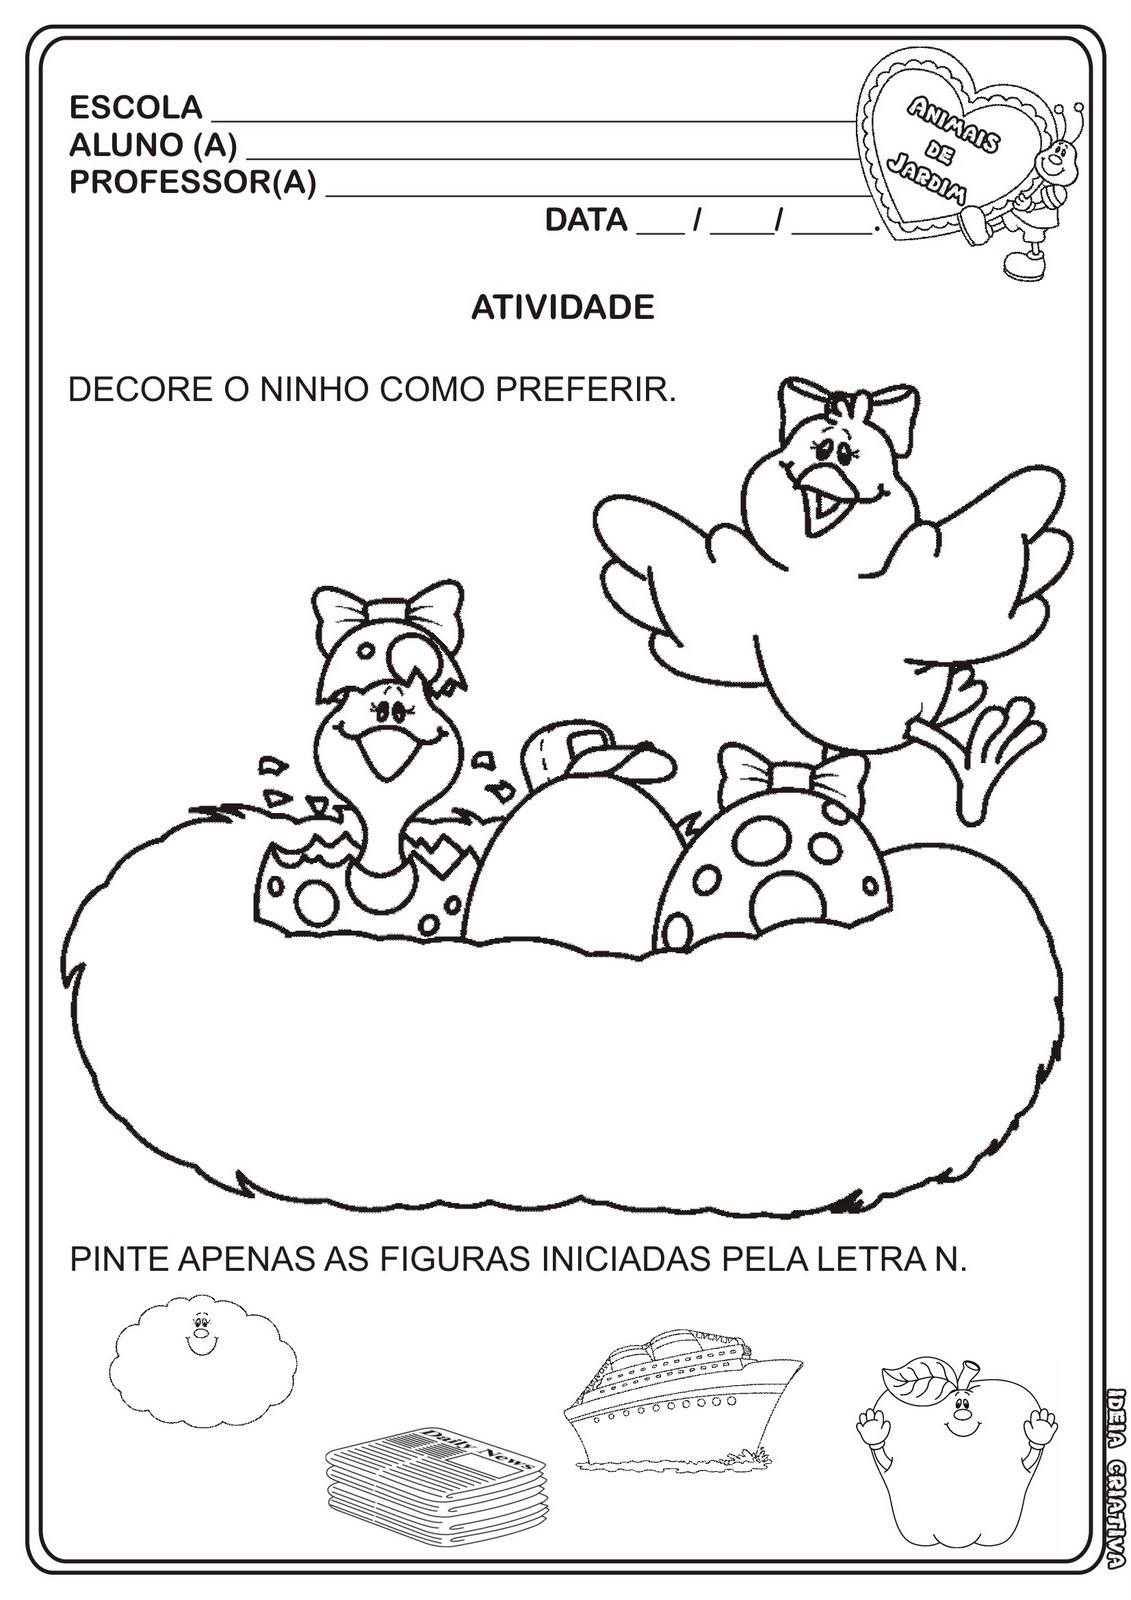 Excepcional Atividade Letra N Projeto Animais de Jardim | Ideia Criativa - Gi  GD61